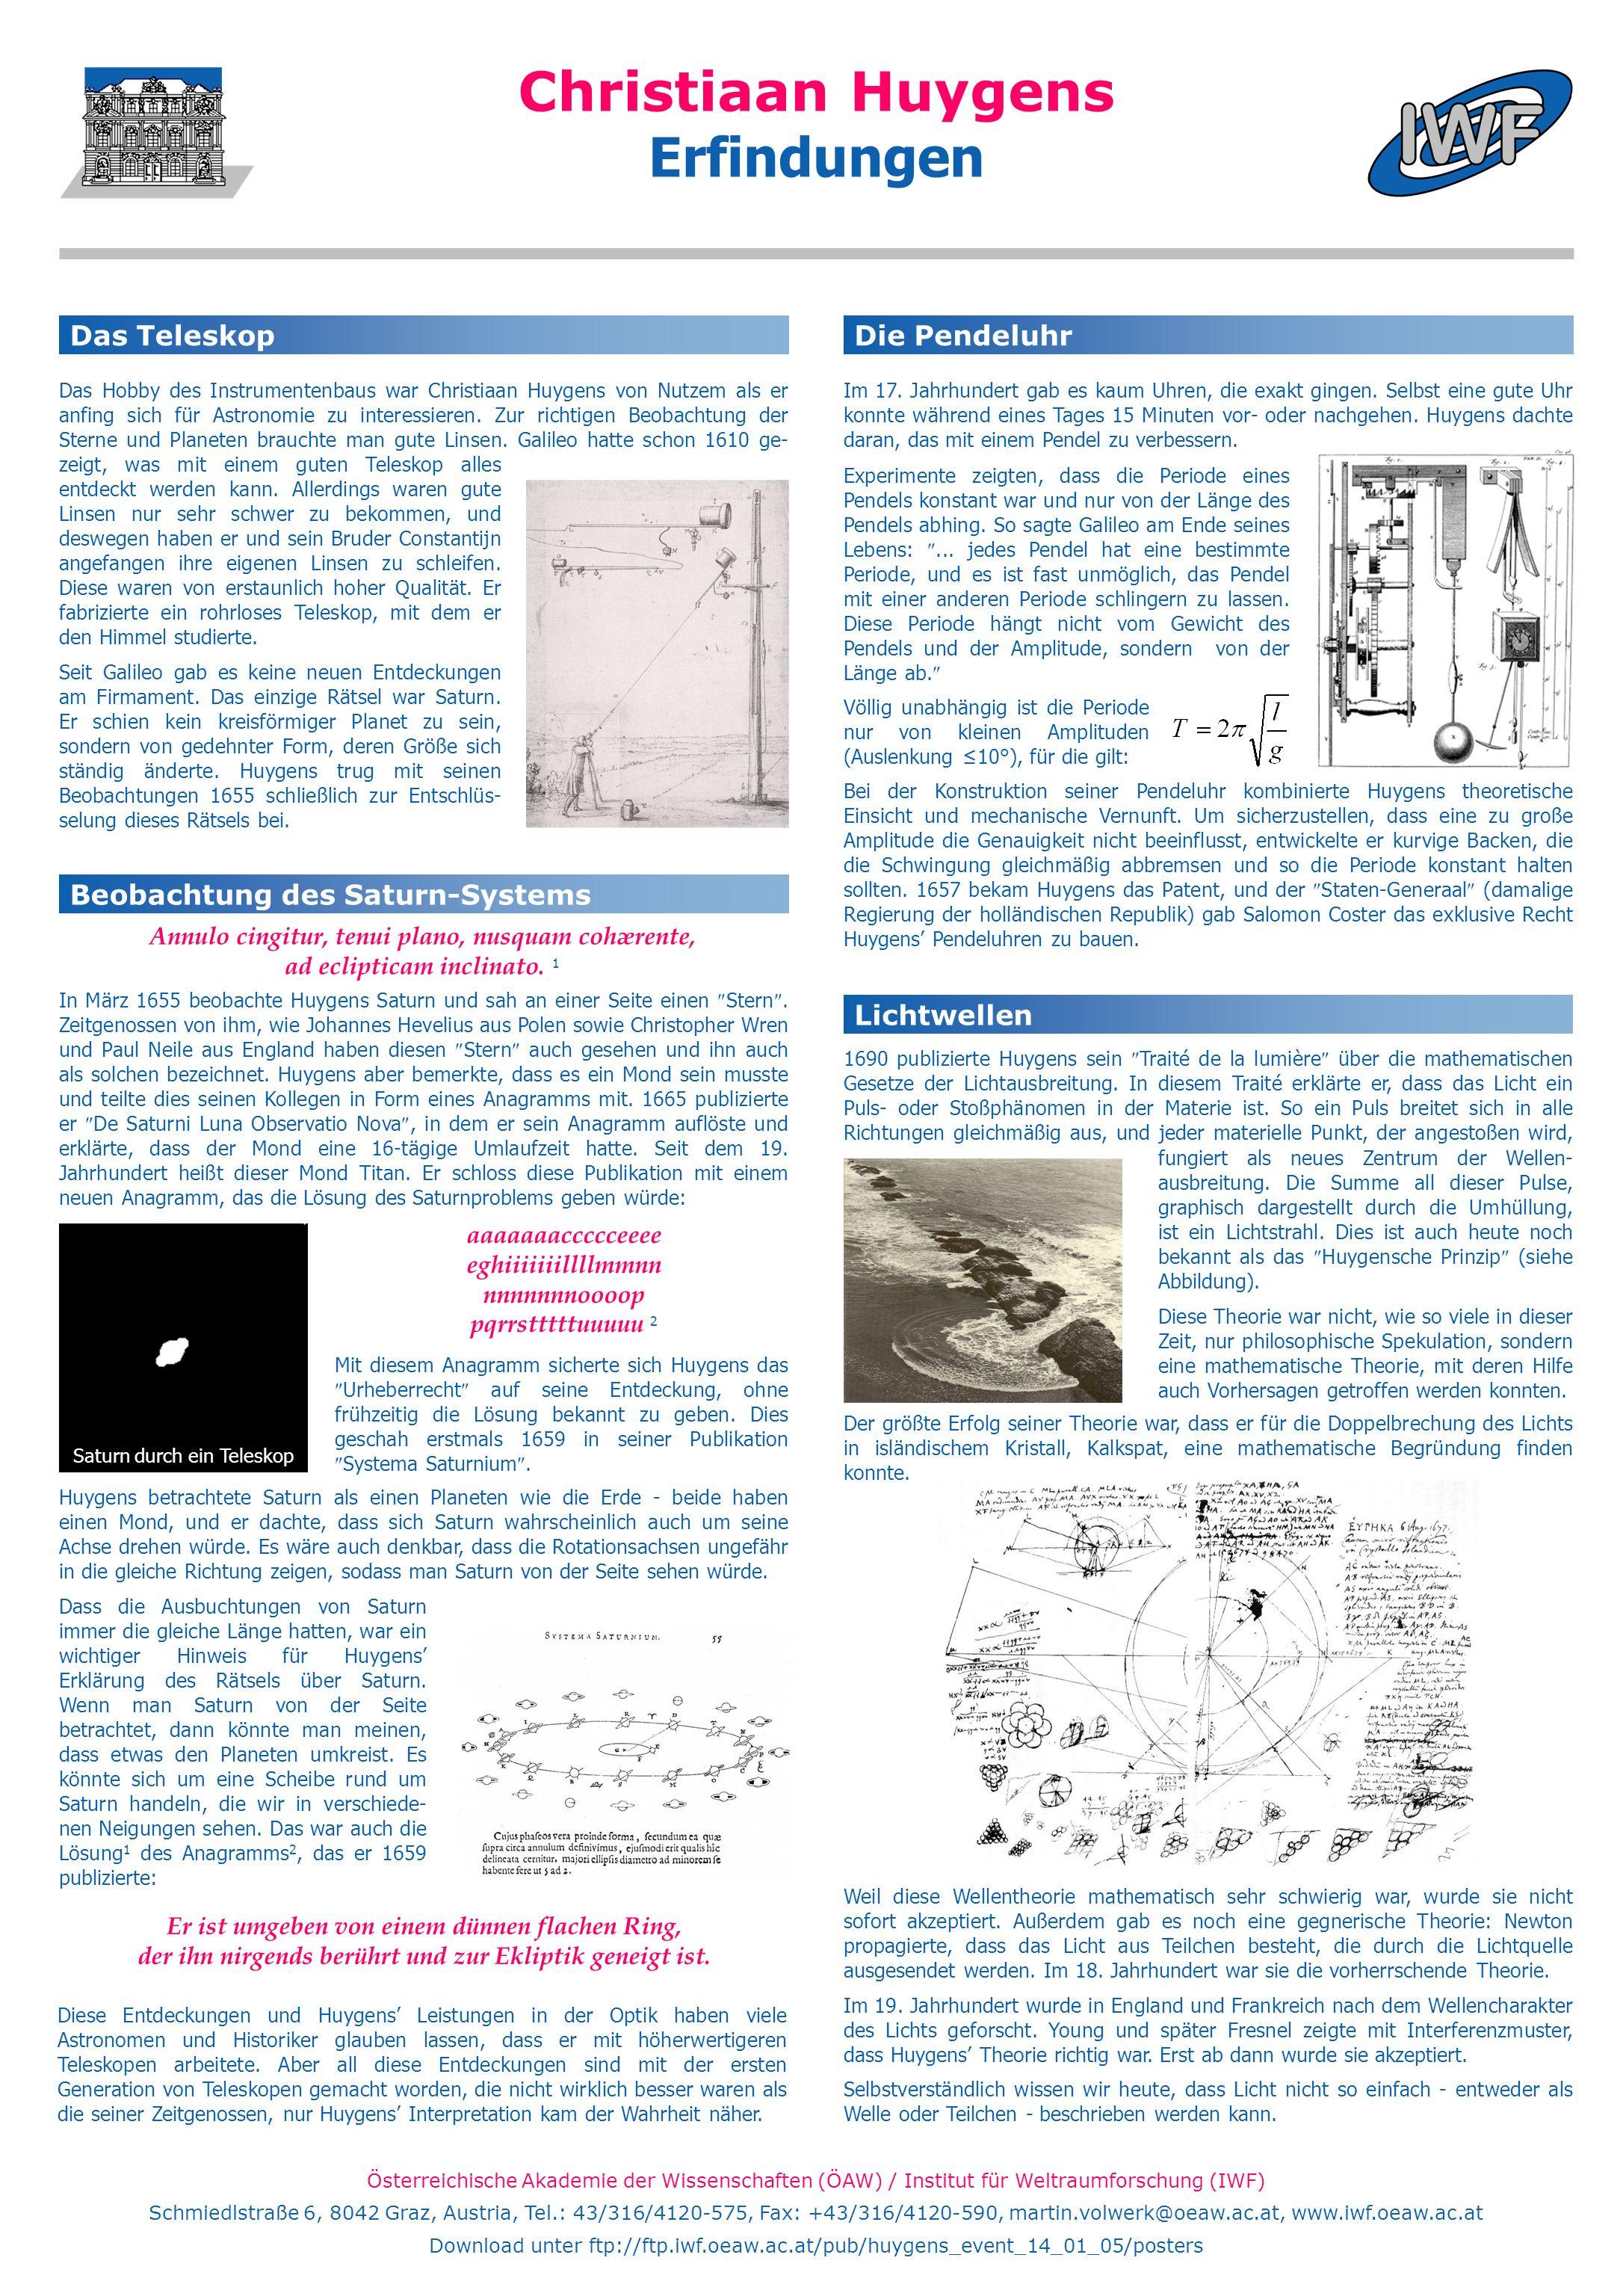 Österreichische Akademie der Wissenschaften (ÖAW) / Institut für Weltraumforschung (IWF) Schmiedlstraße 6, 8042 Graz, Austria, Tel.: 43/316/4120-575, Fax: +43/316/4120-590, martin.volwerk@oeaw.ac.at, www.iwf.oeaw.ac.at Download unter ftp://ftp.iwf.oeaw.ac.at/pub/huygens_event_14_01_05/posters Christiaan Huygens Erfindungen Beobachtung des Saturn-Systems Das Teleskop Das Hobby des Instrumentenbaus war Christiaan Huygens von Nutzem als er anfing sich für Astronomie zu interessieren.